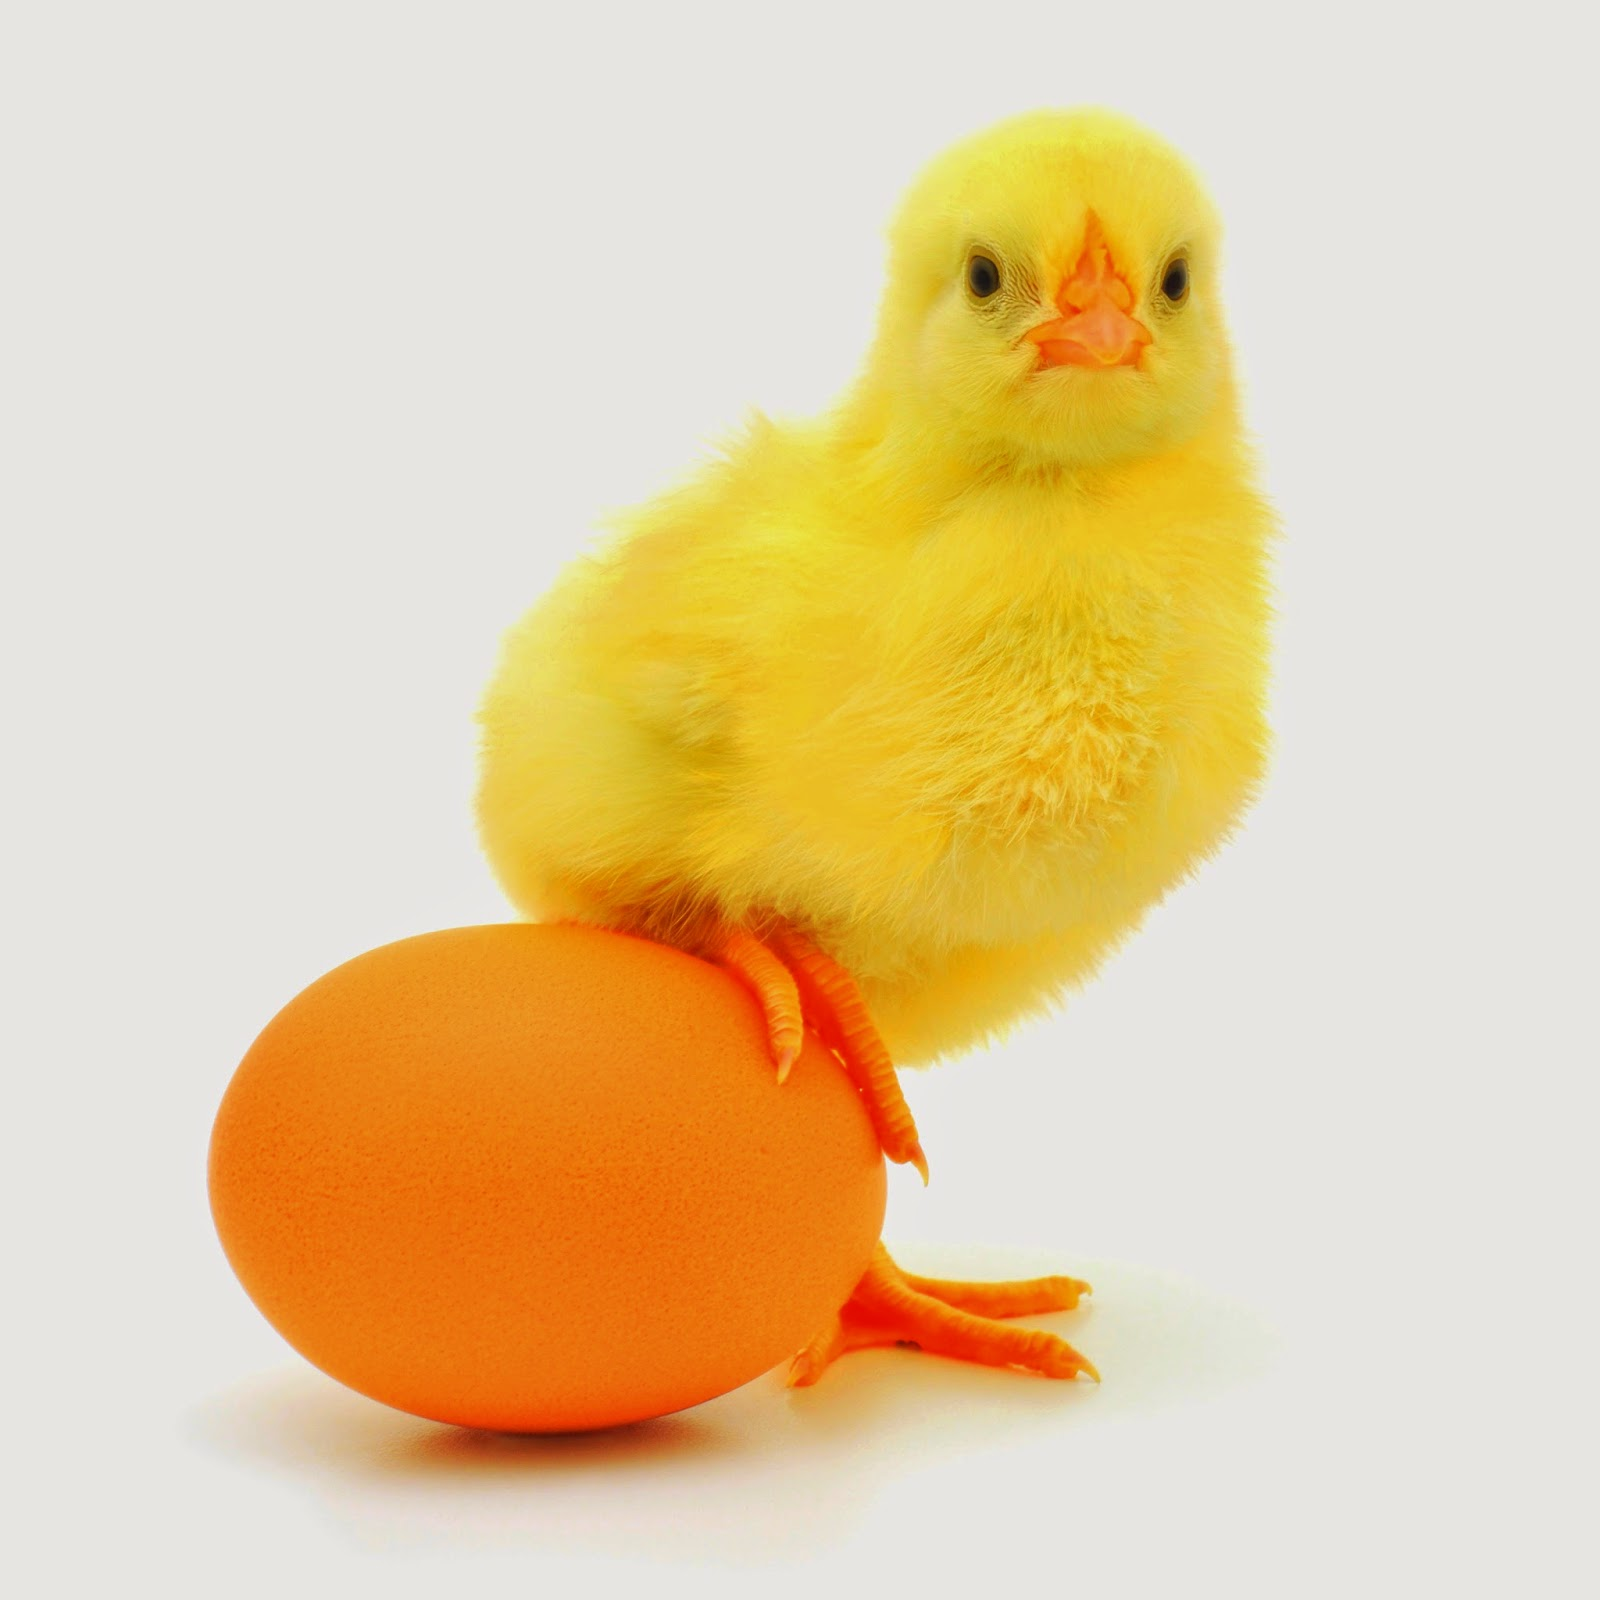 eggs, health tips, hair tips